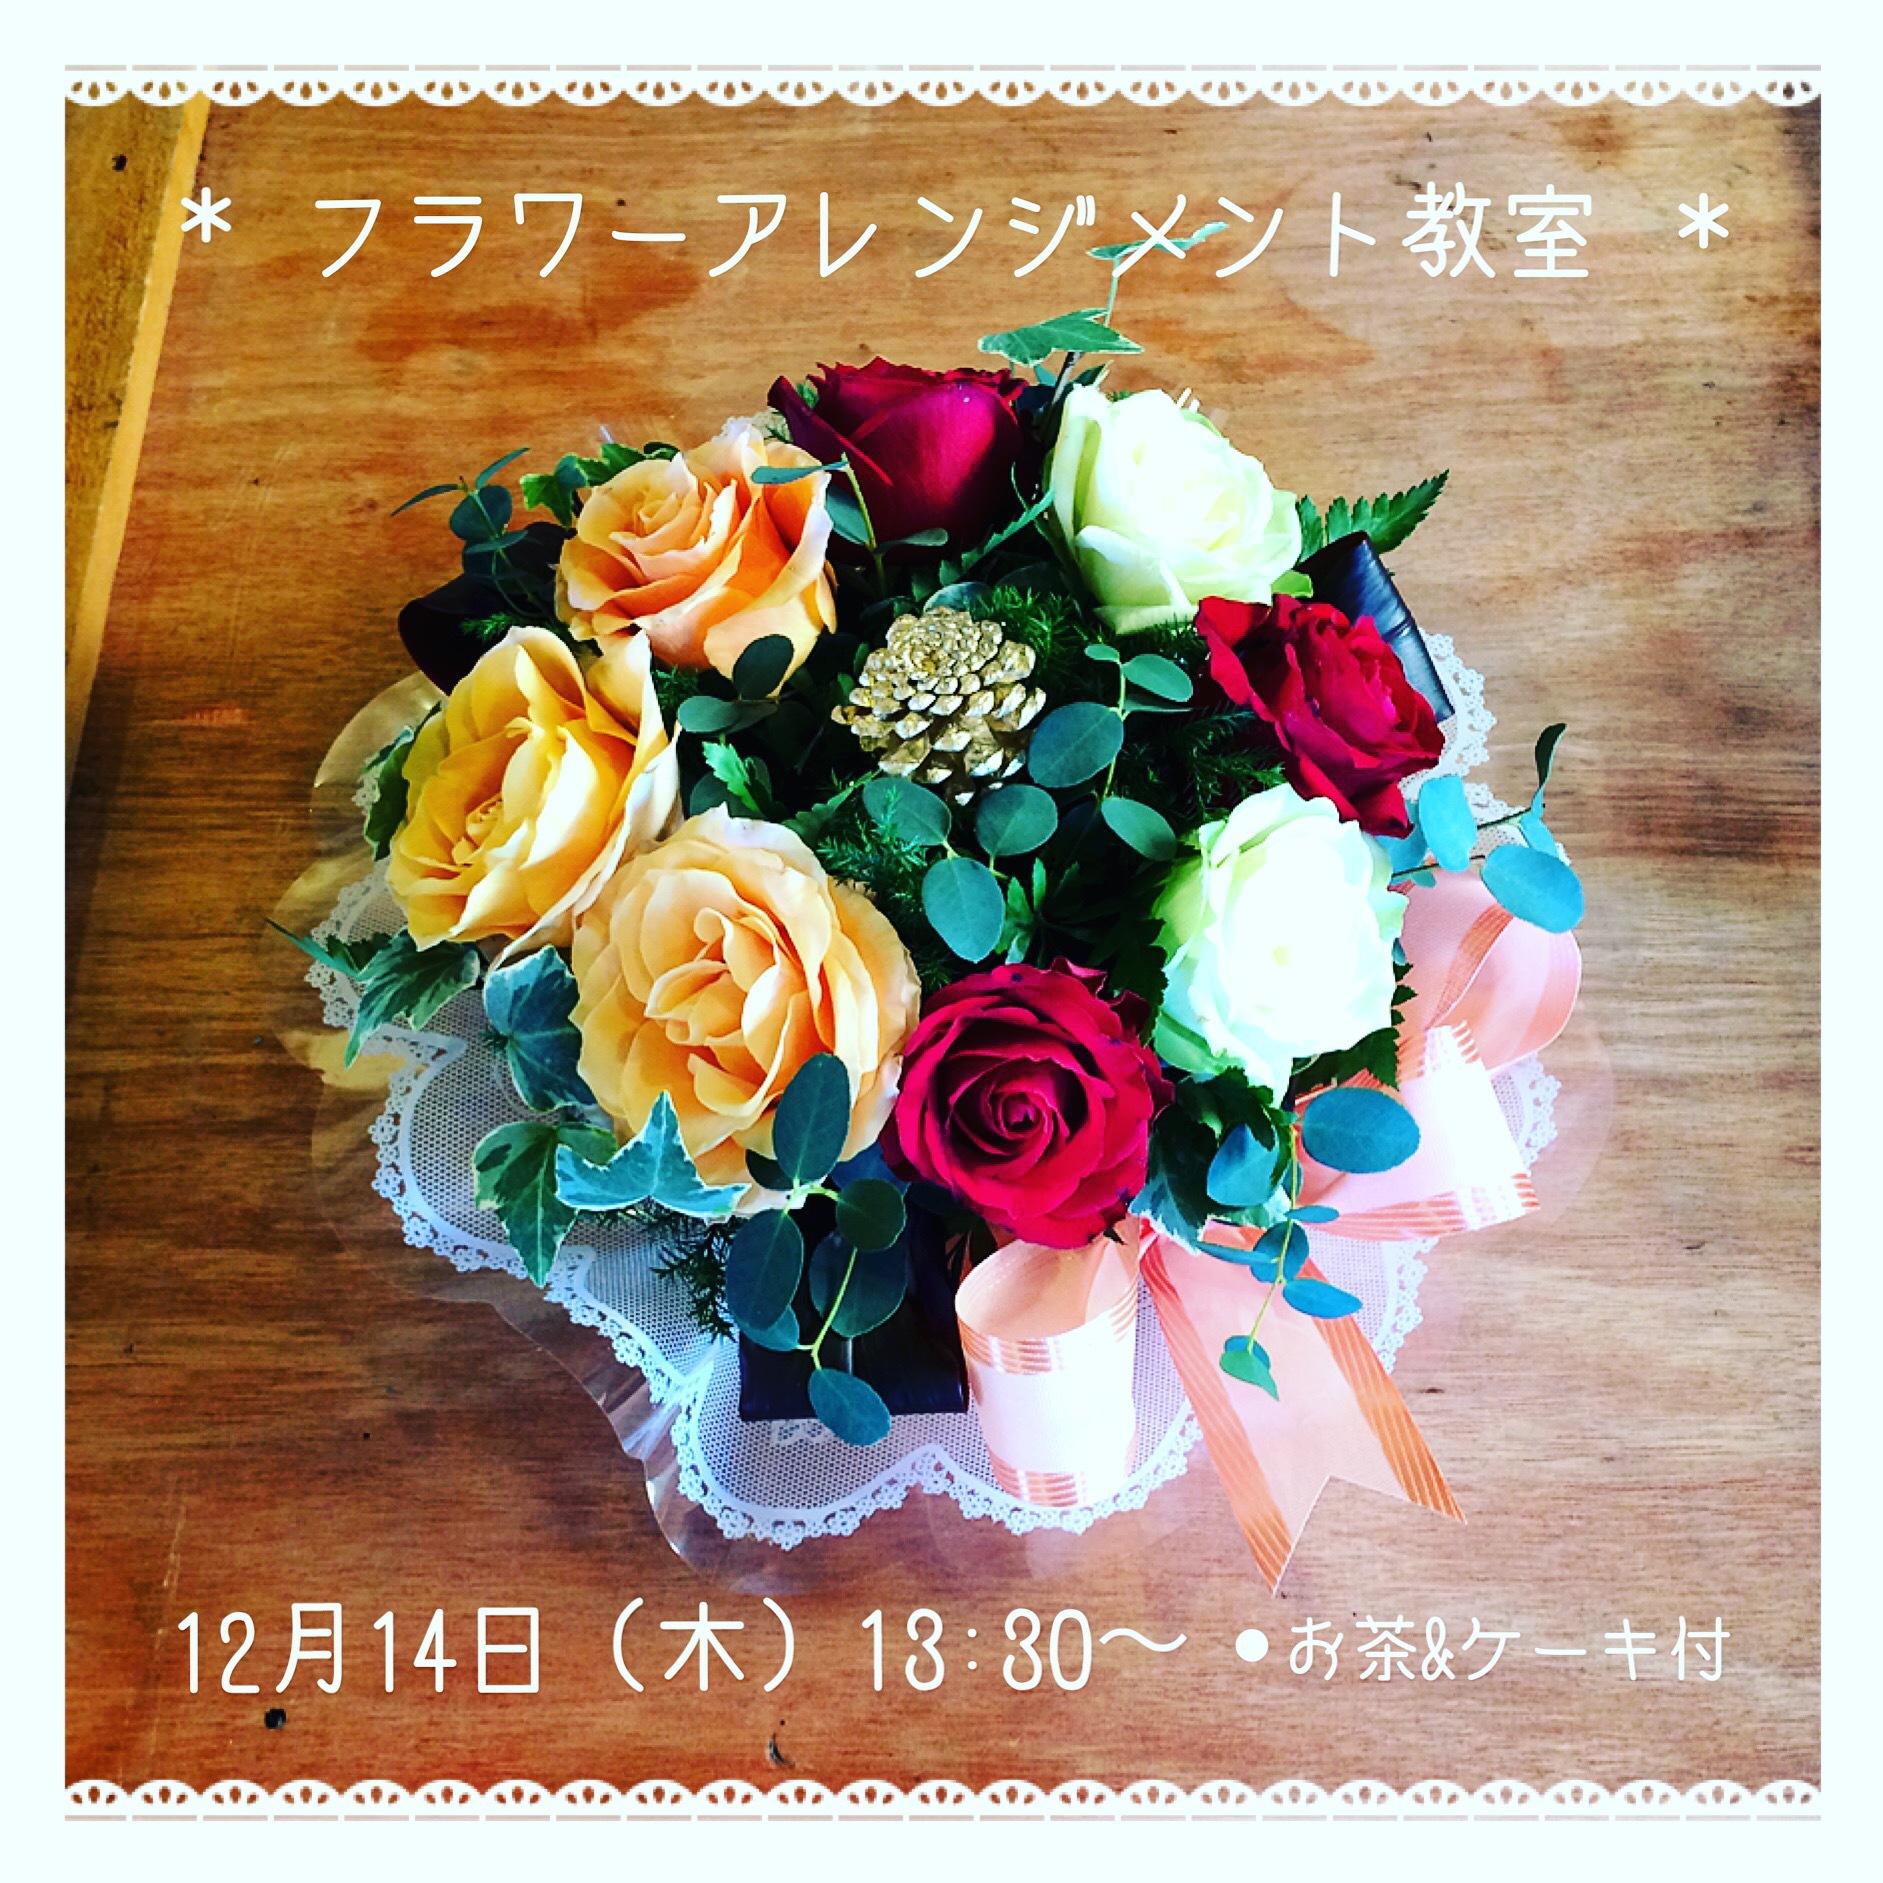 ◆ Public's Blog